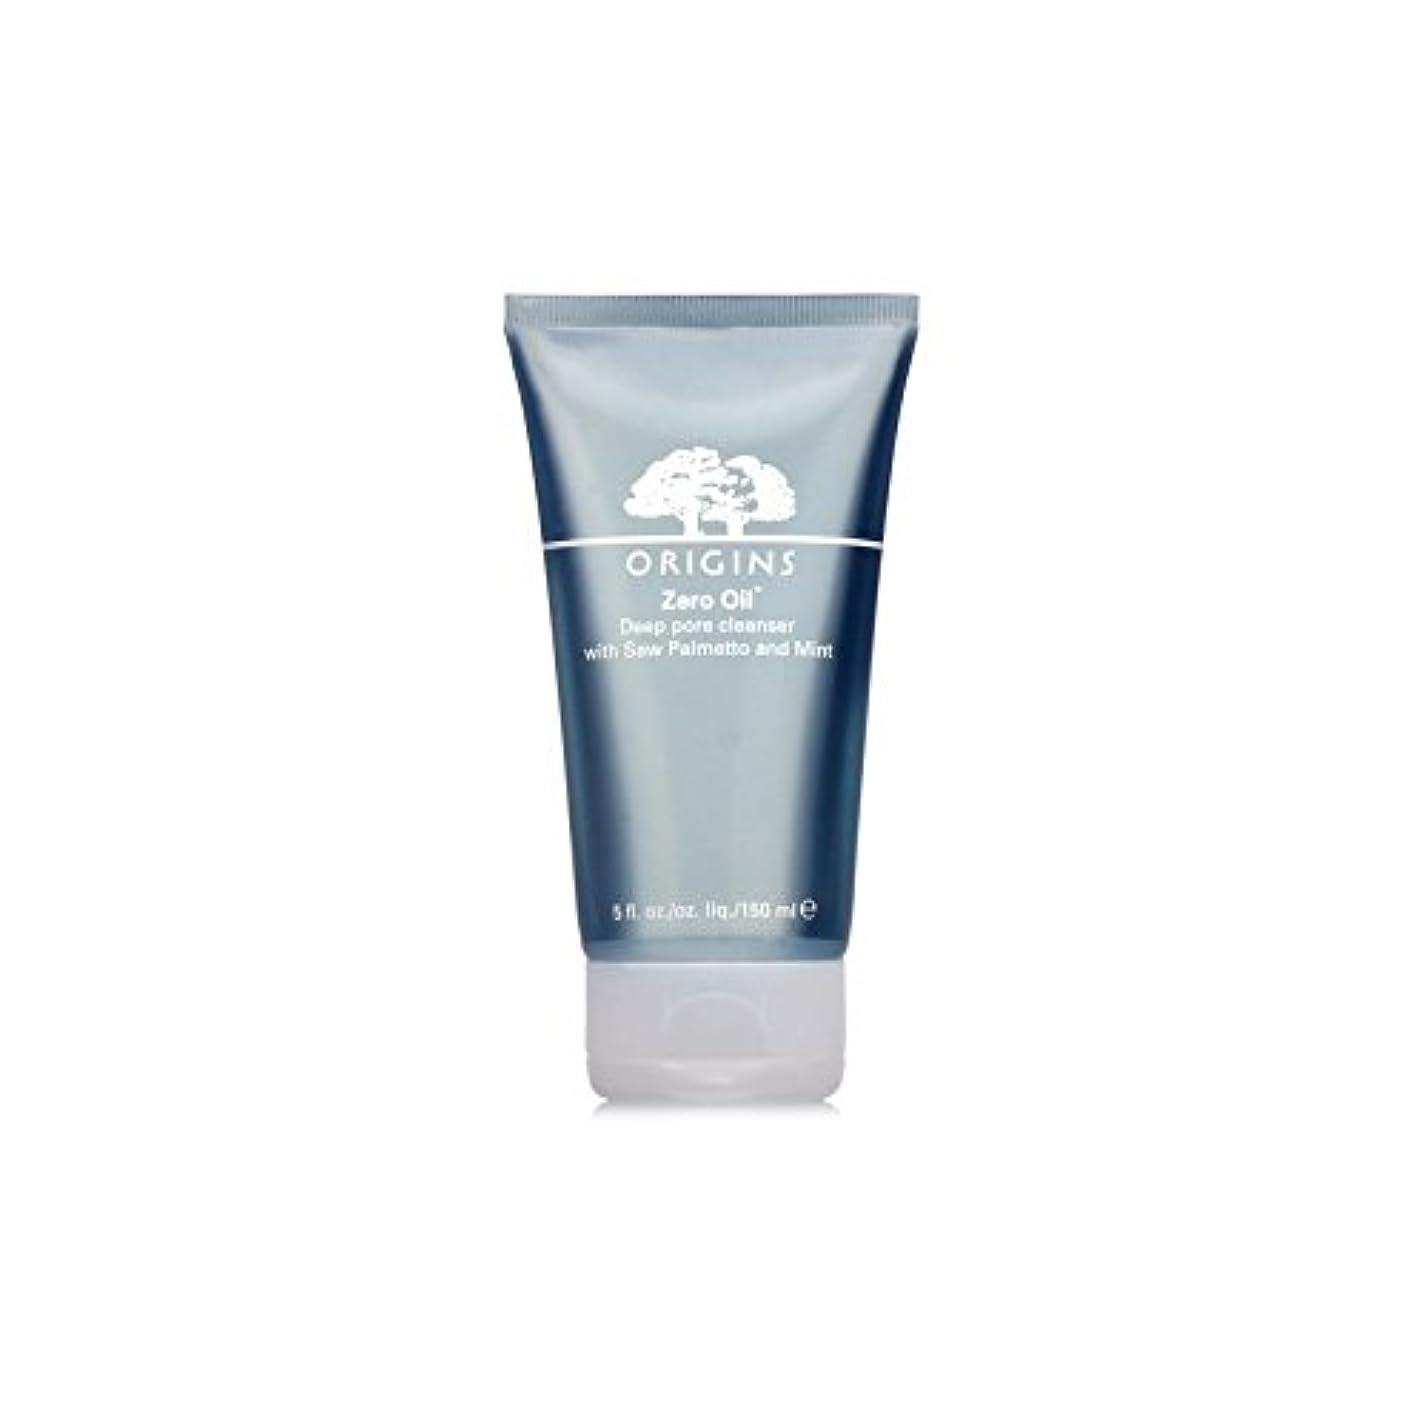 宣伝吸い込む不健康Origins Zero Oil Deep Pore Cleanser With Saw Palmetto & Mint 150ml (Pack of 6) - ノコギリヤシ&ミント150ミリリットルとの起源ゼロ油深いポアクレンザー...